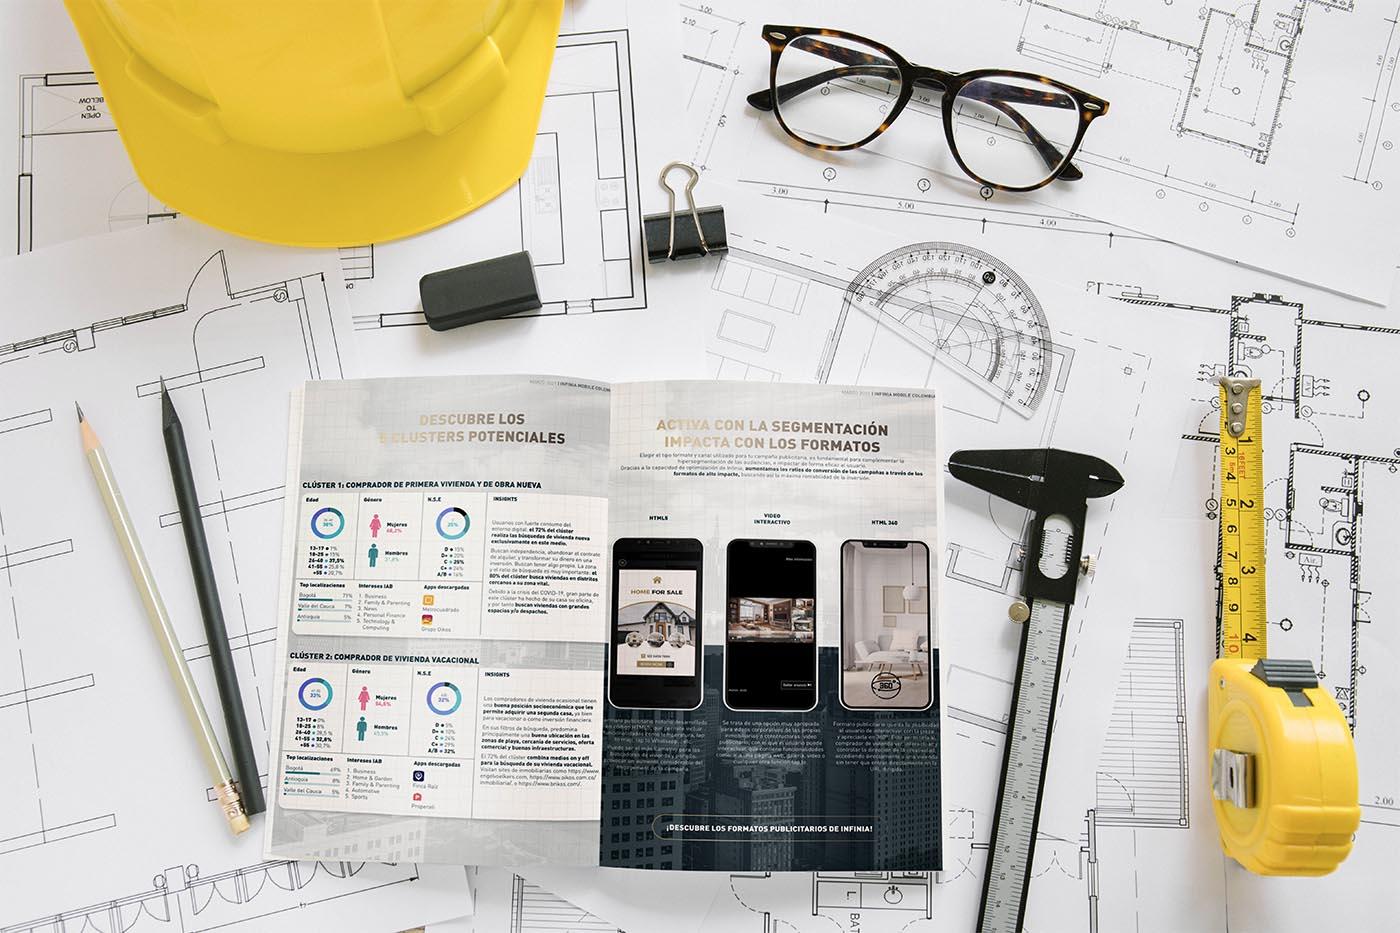 Infinia localiza a los usuarios interesados en el sector inmobiliario